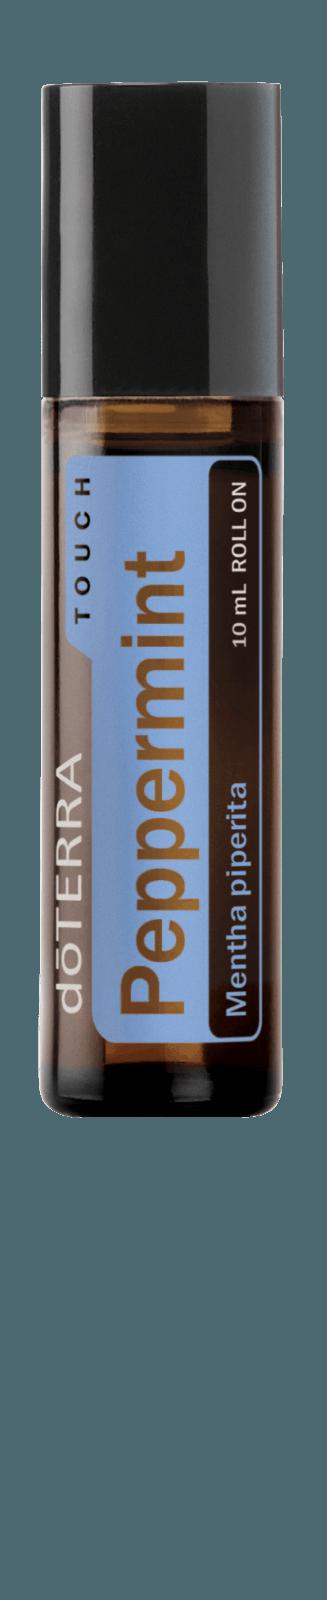 Pepermunt (mentha piperita)